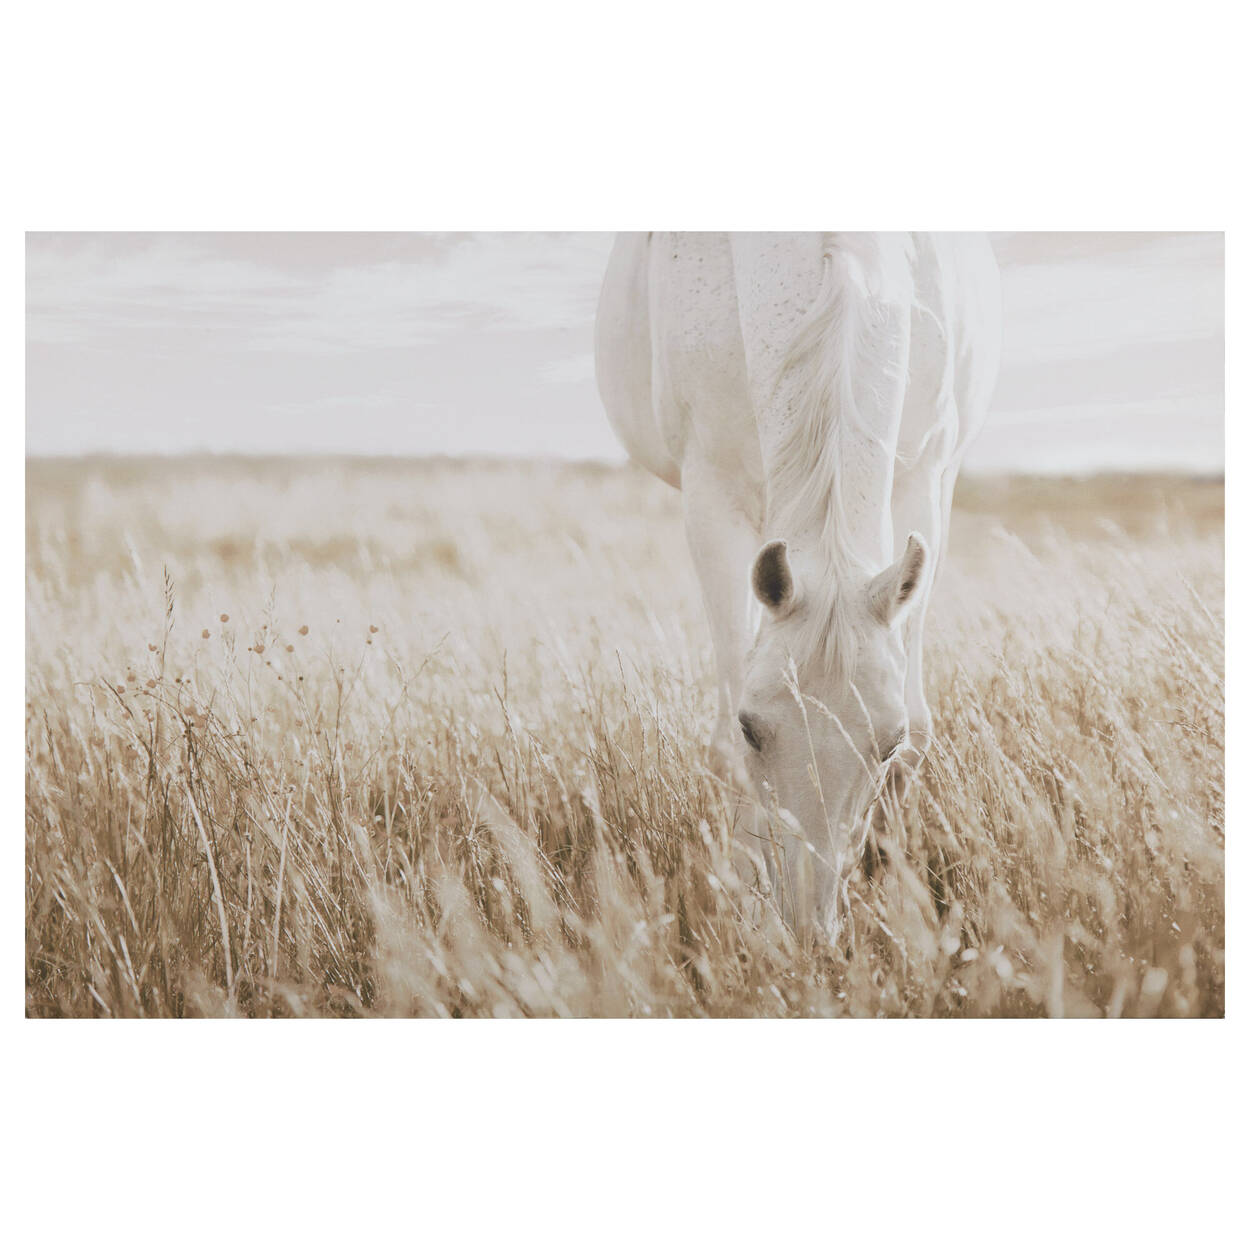 Tableau imprimé d'un cheval